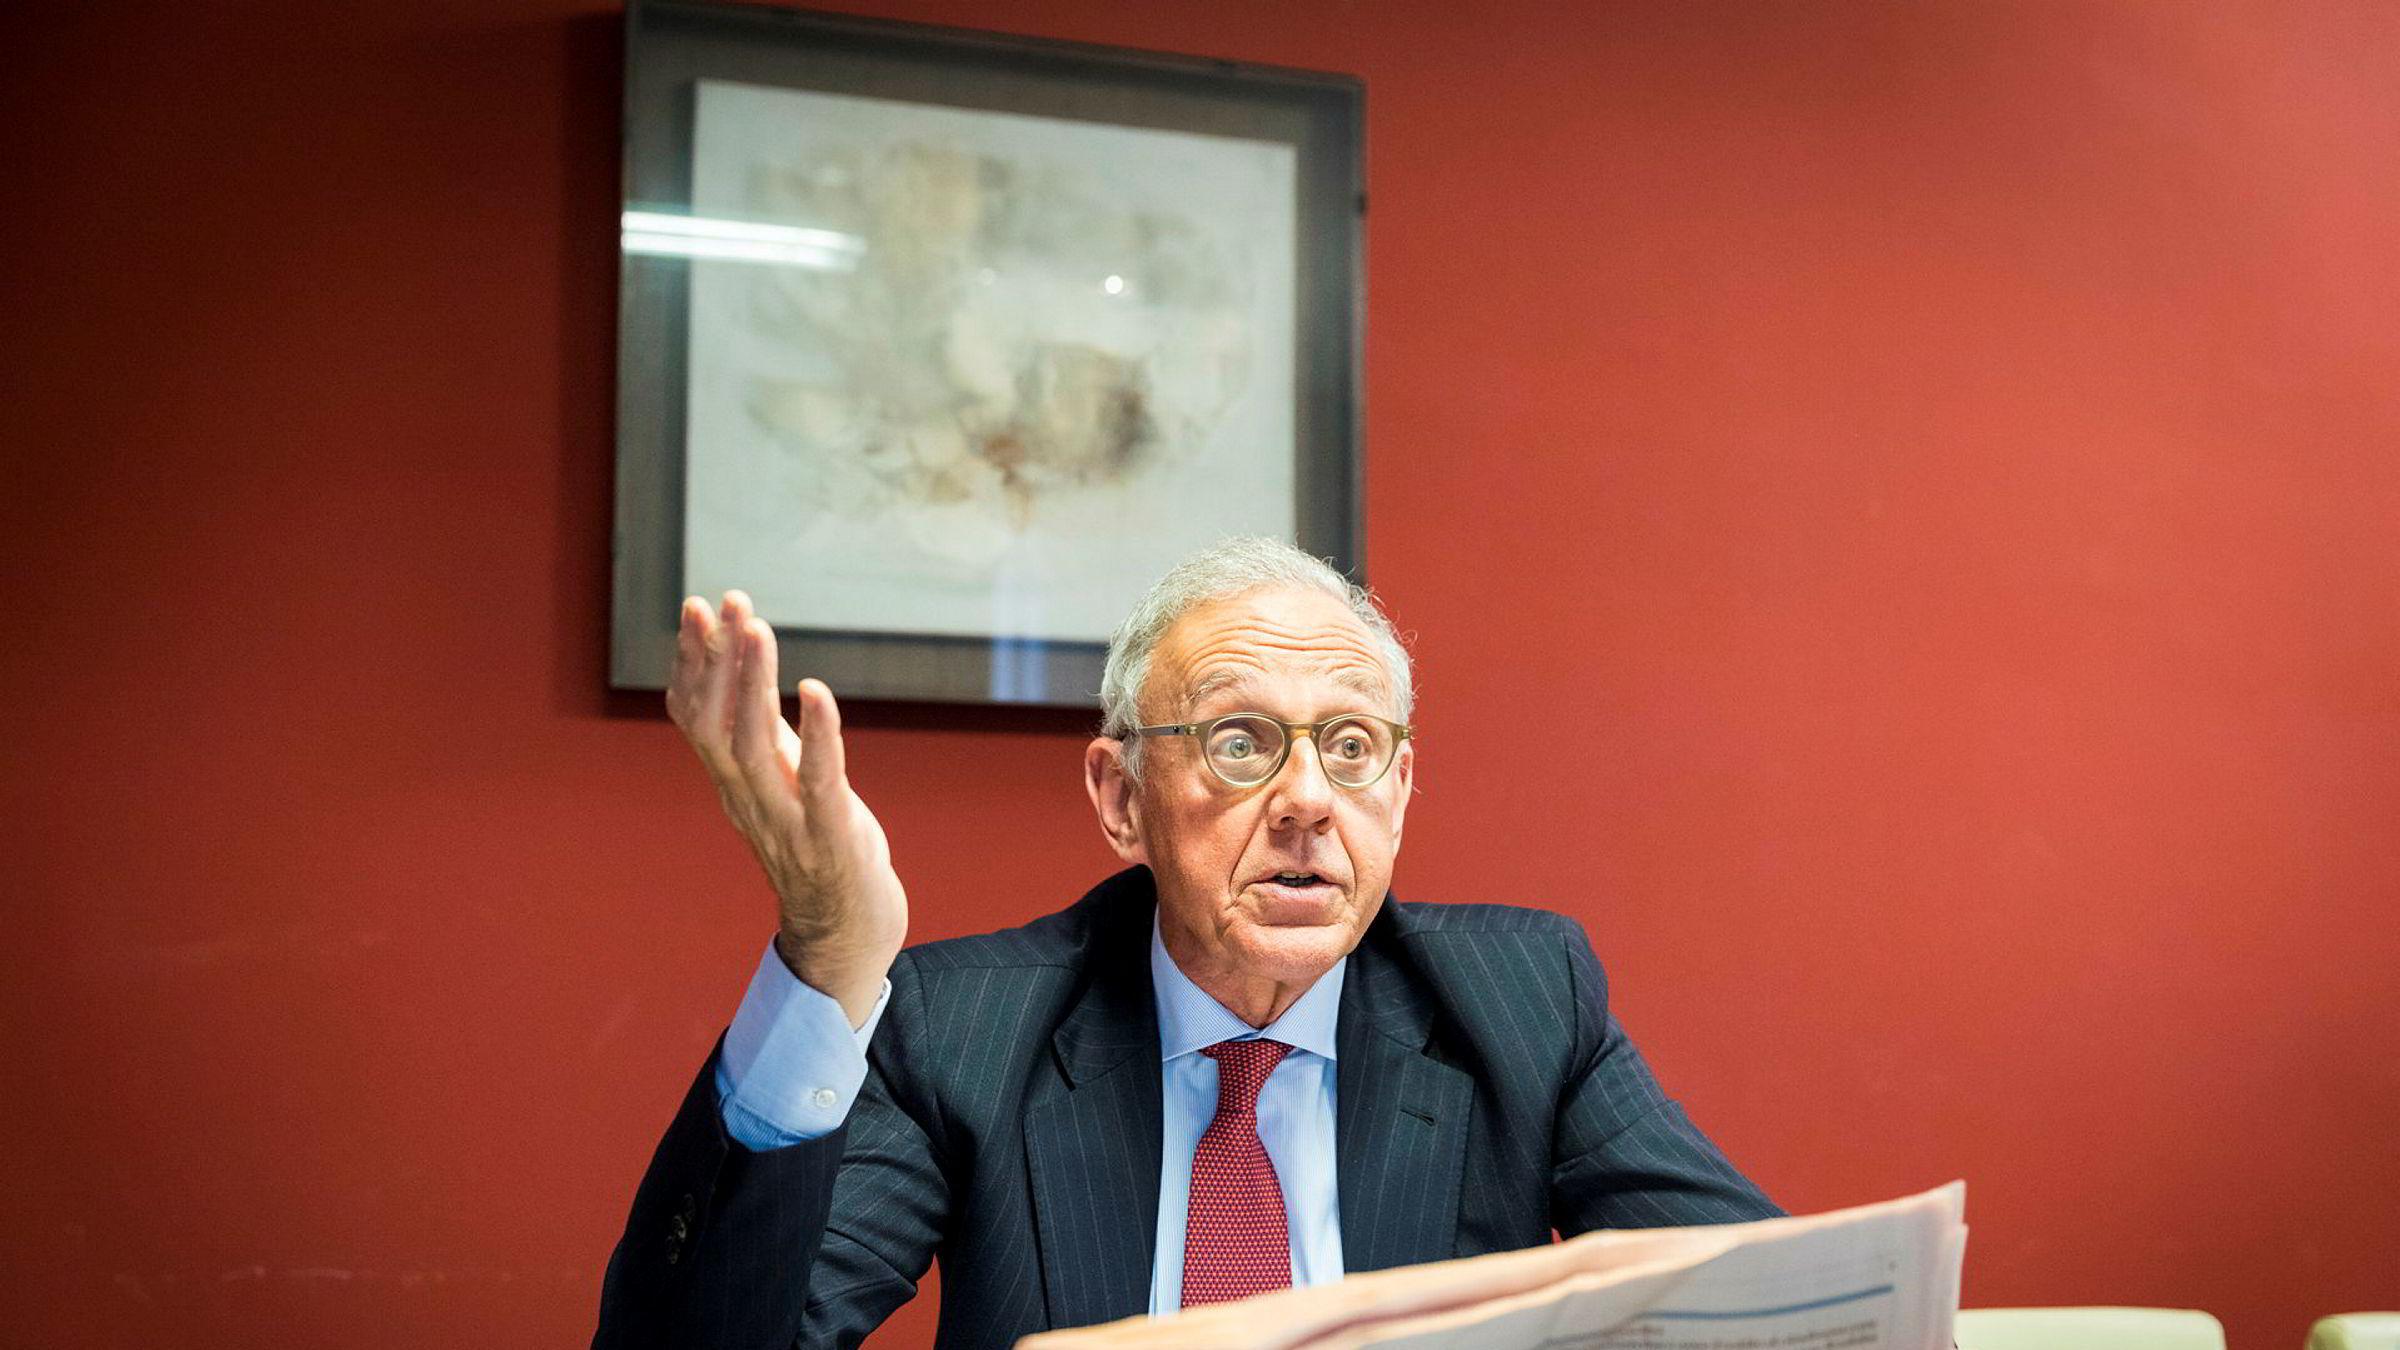 Finansmannen Attilio Arietti i Milano lar seg ikke skremme av populismens fremmarsj i Itaila. – Vi er vant til dette, sier han om den ekstremt usikre situasjonen.